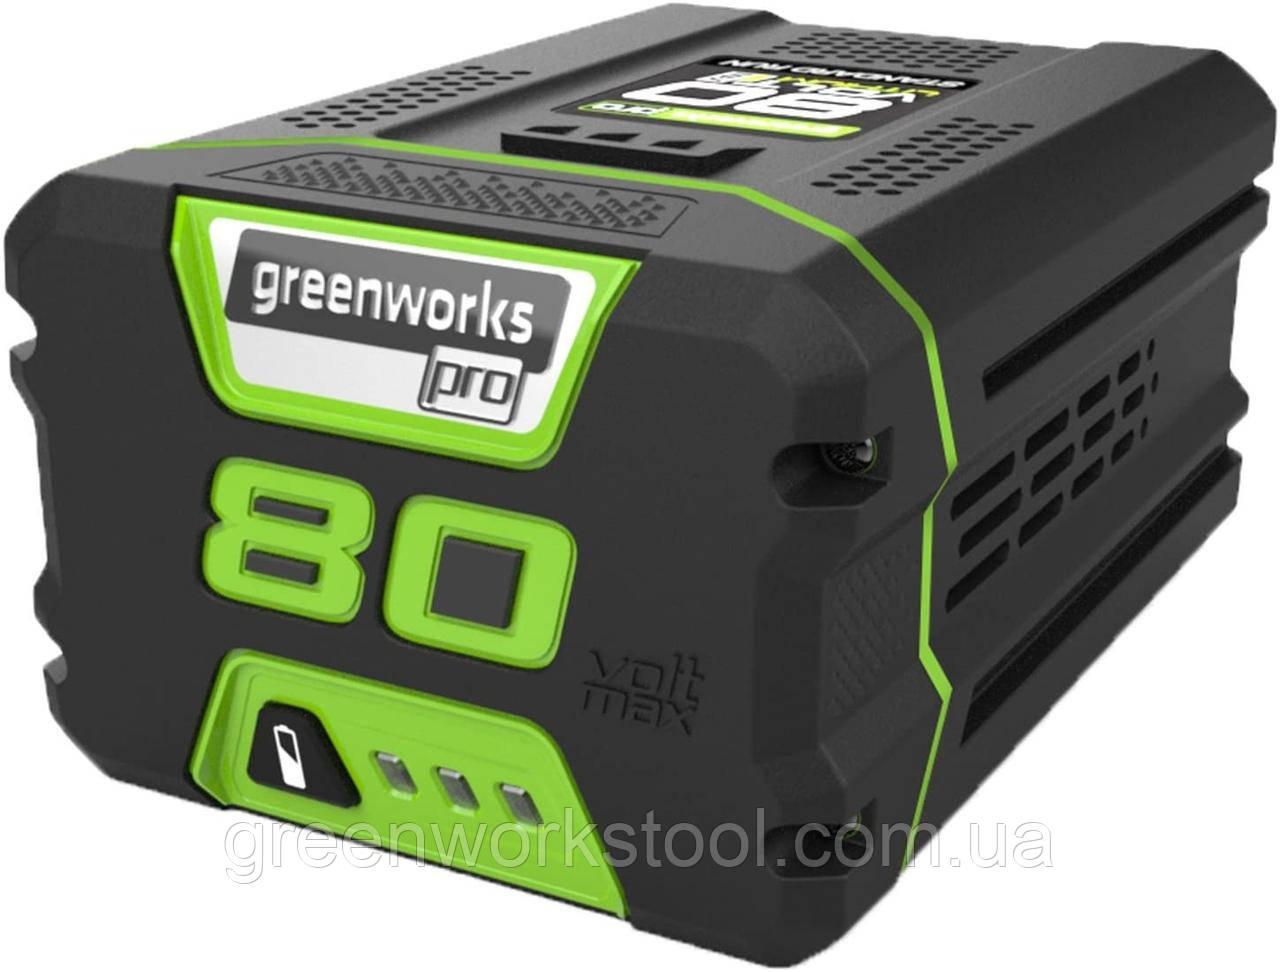 Greenworks PRO 80V 2.0 Ач литий-ионная батарея G80B2 (2901207) (GBA80200 )